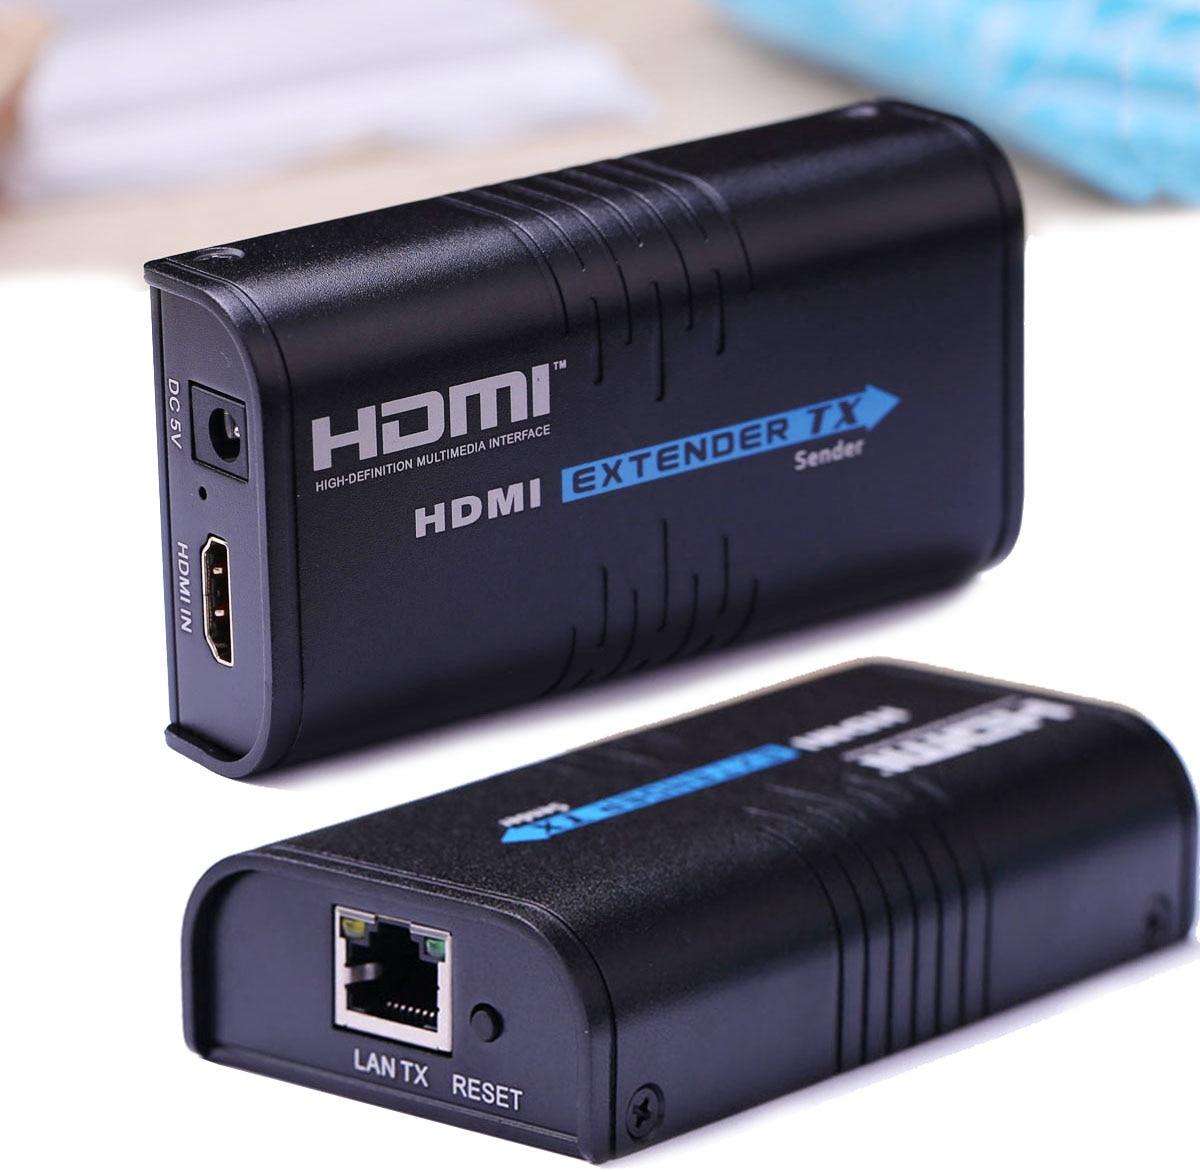 Extension HDMI par IP/TCP UTP/STP CAT5e CAT6 Rj45 LAN câble réseau Ethernet 1080 p 120 m Extension HDMI séparateur récepteur DVD vers TV